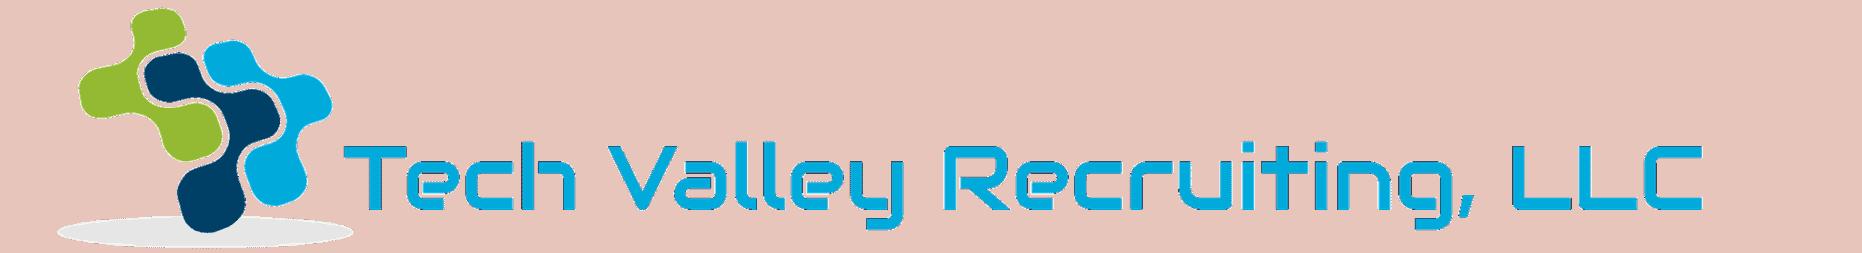 Tech Valley Recruiting, LLC.